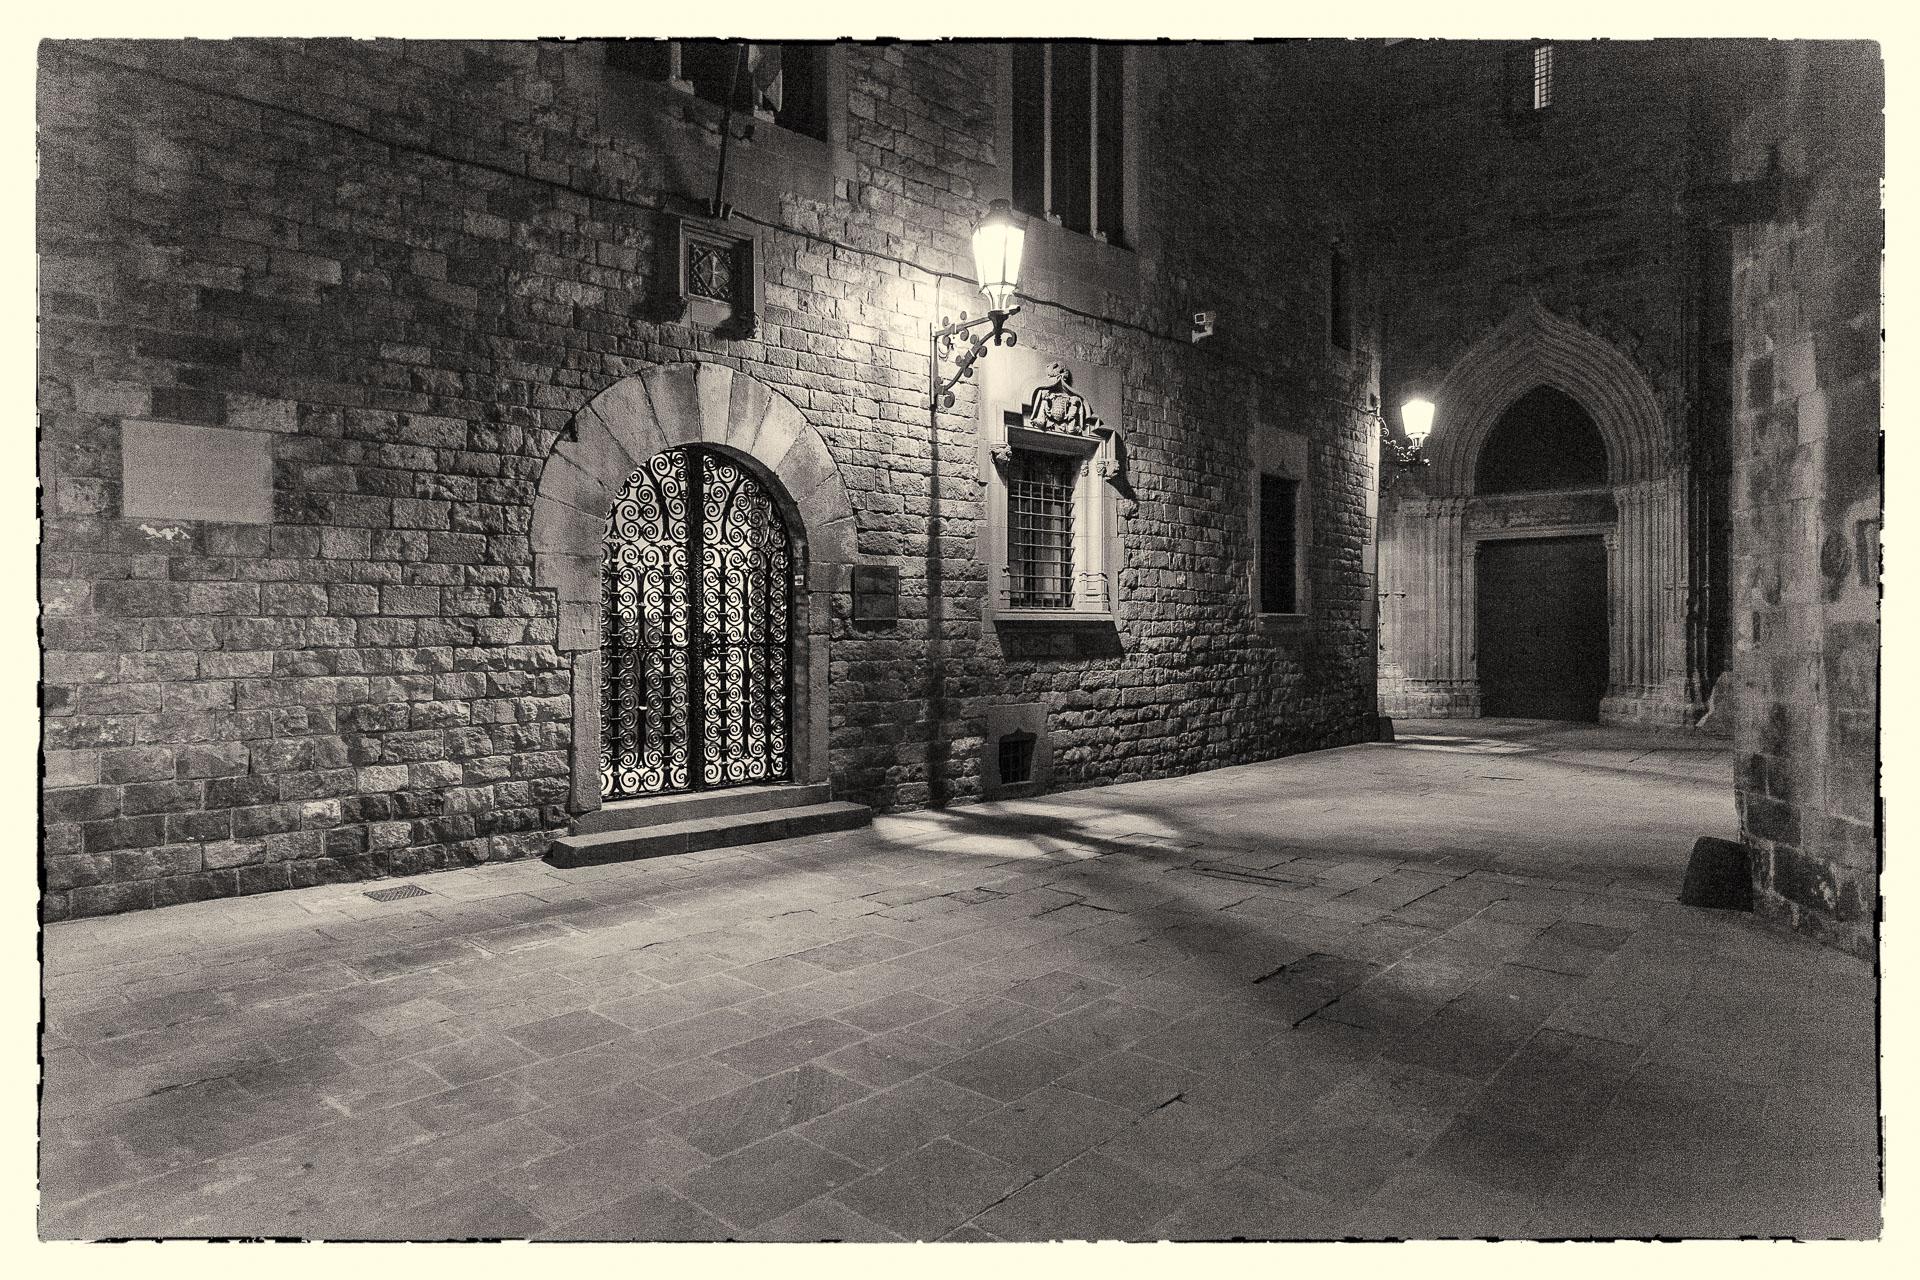 Barcelona, Bari Gotic